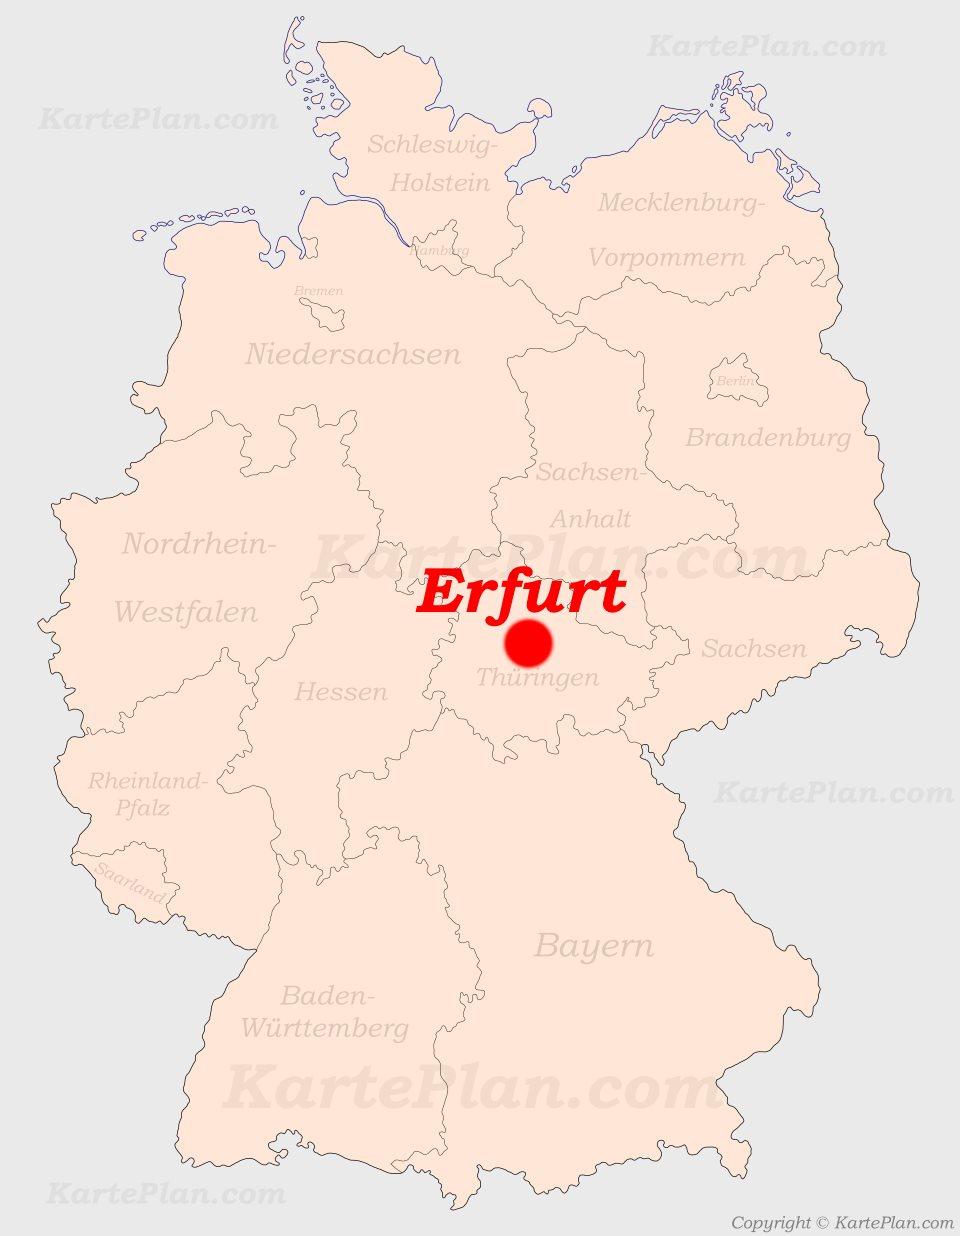 erfurt landkarte deutschland Erfurt auf der Deutschlandkarte